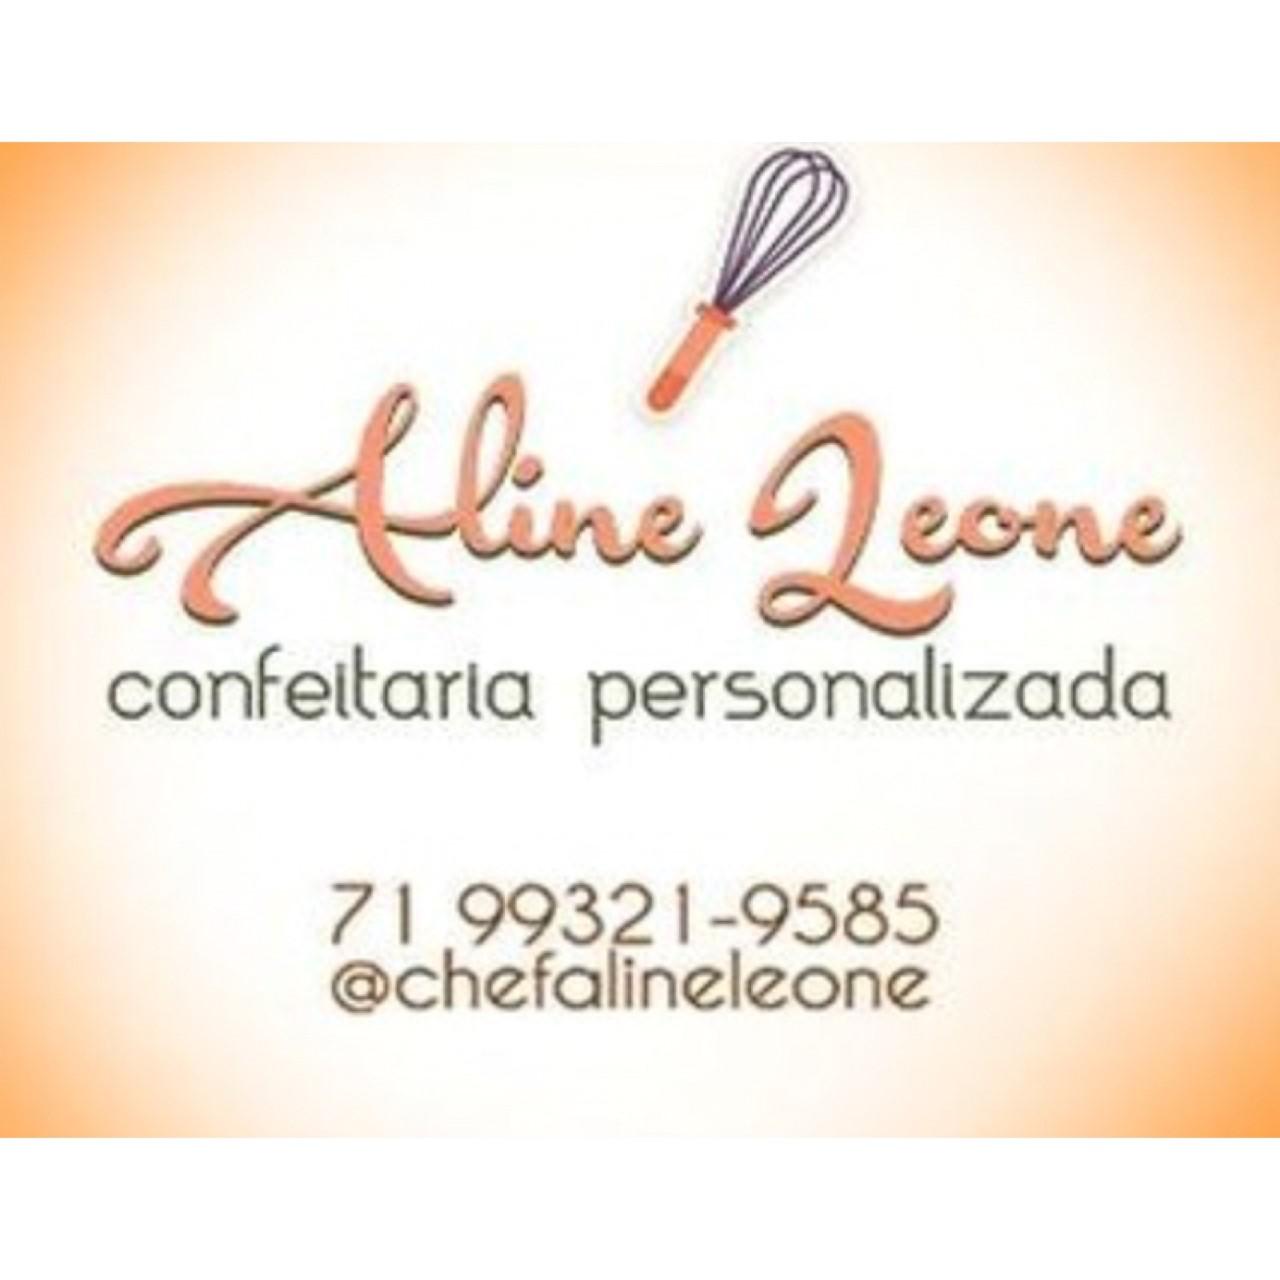 Aline Leone - Confeitaria Personalizada